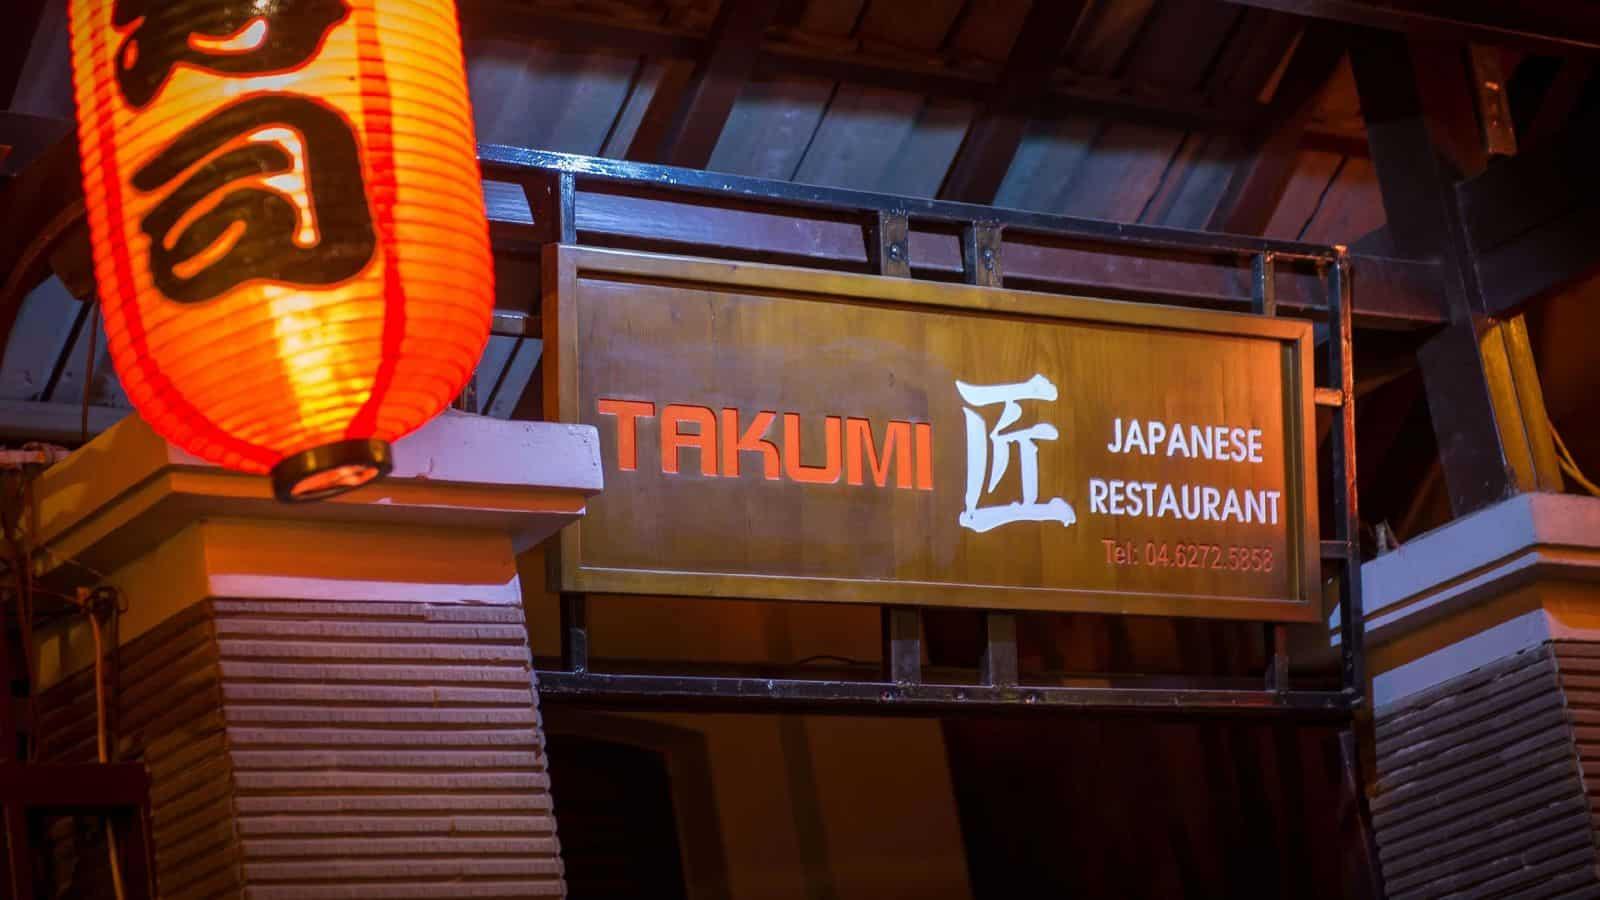 nhà hàng nhật bản takumi